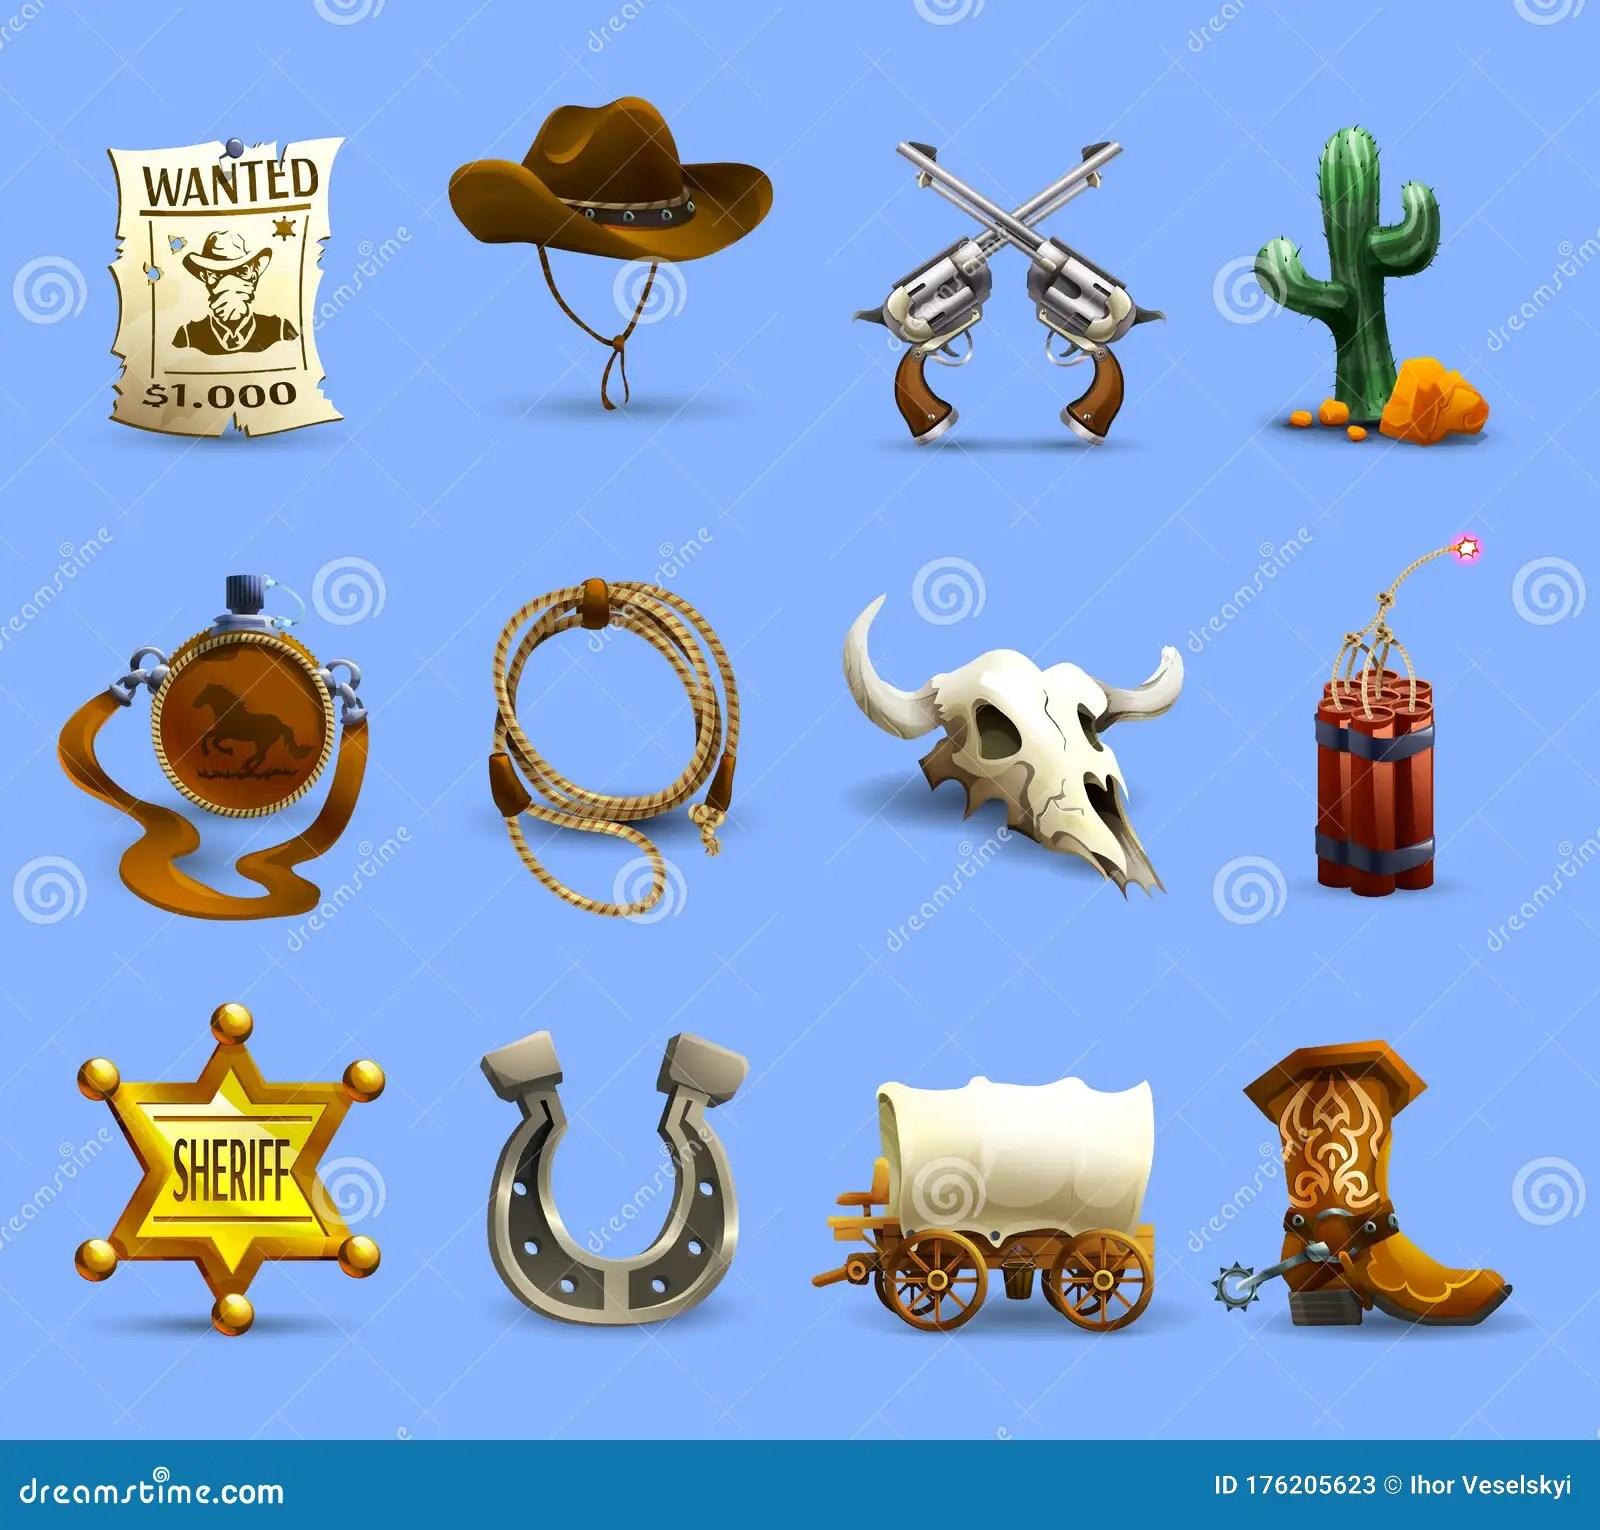 Wild West Stock Photos